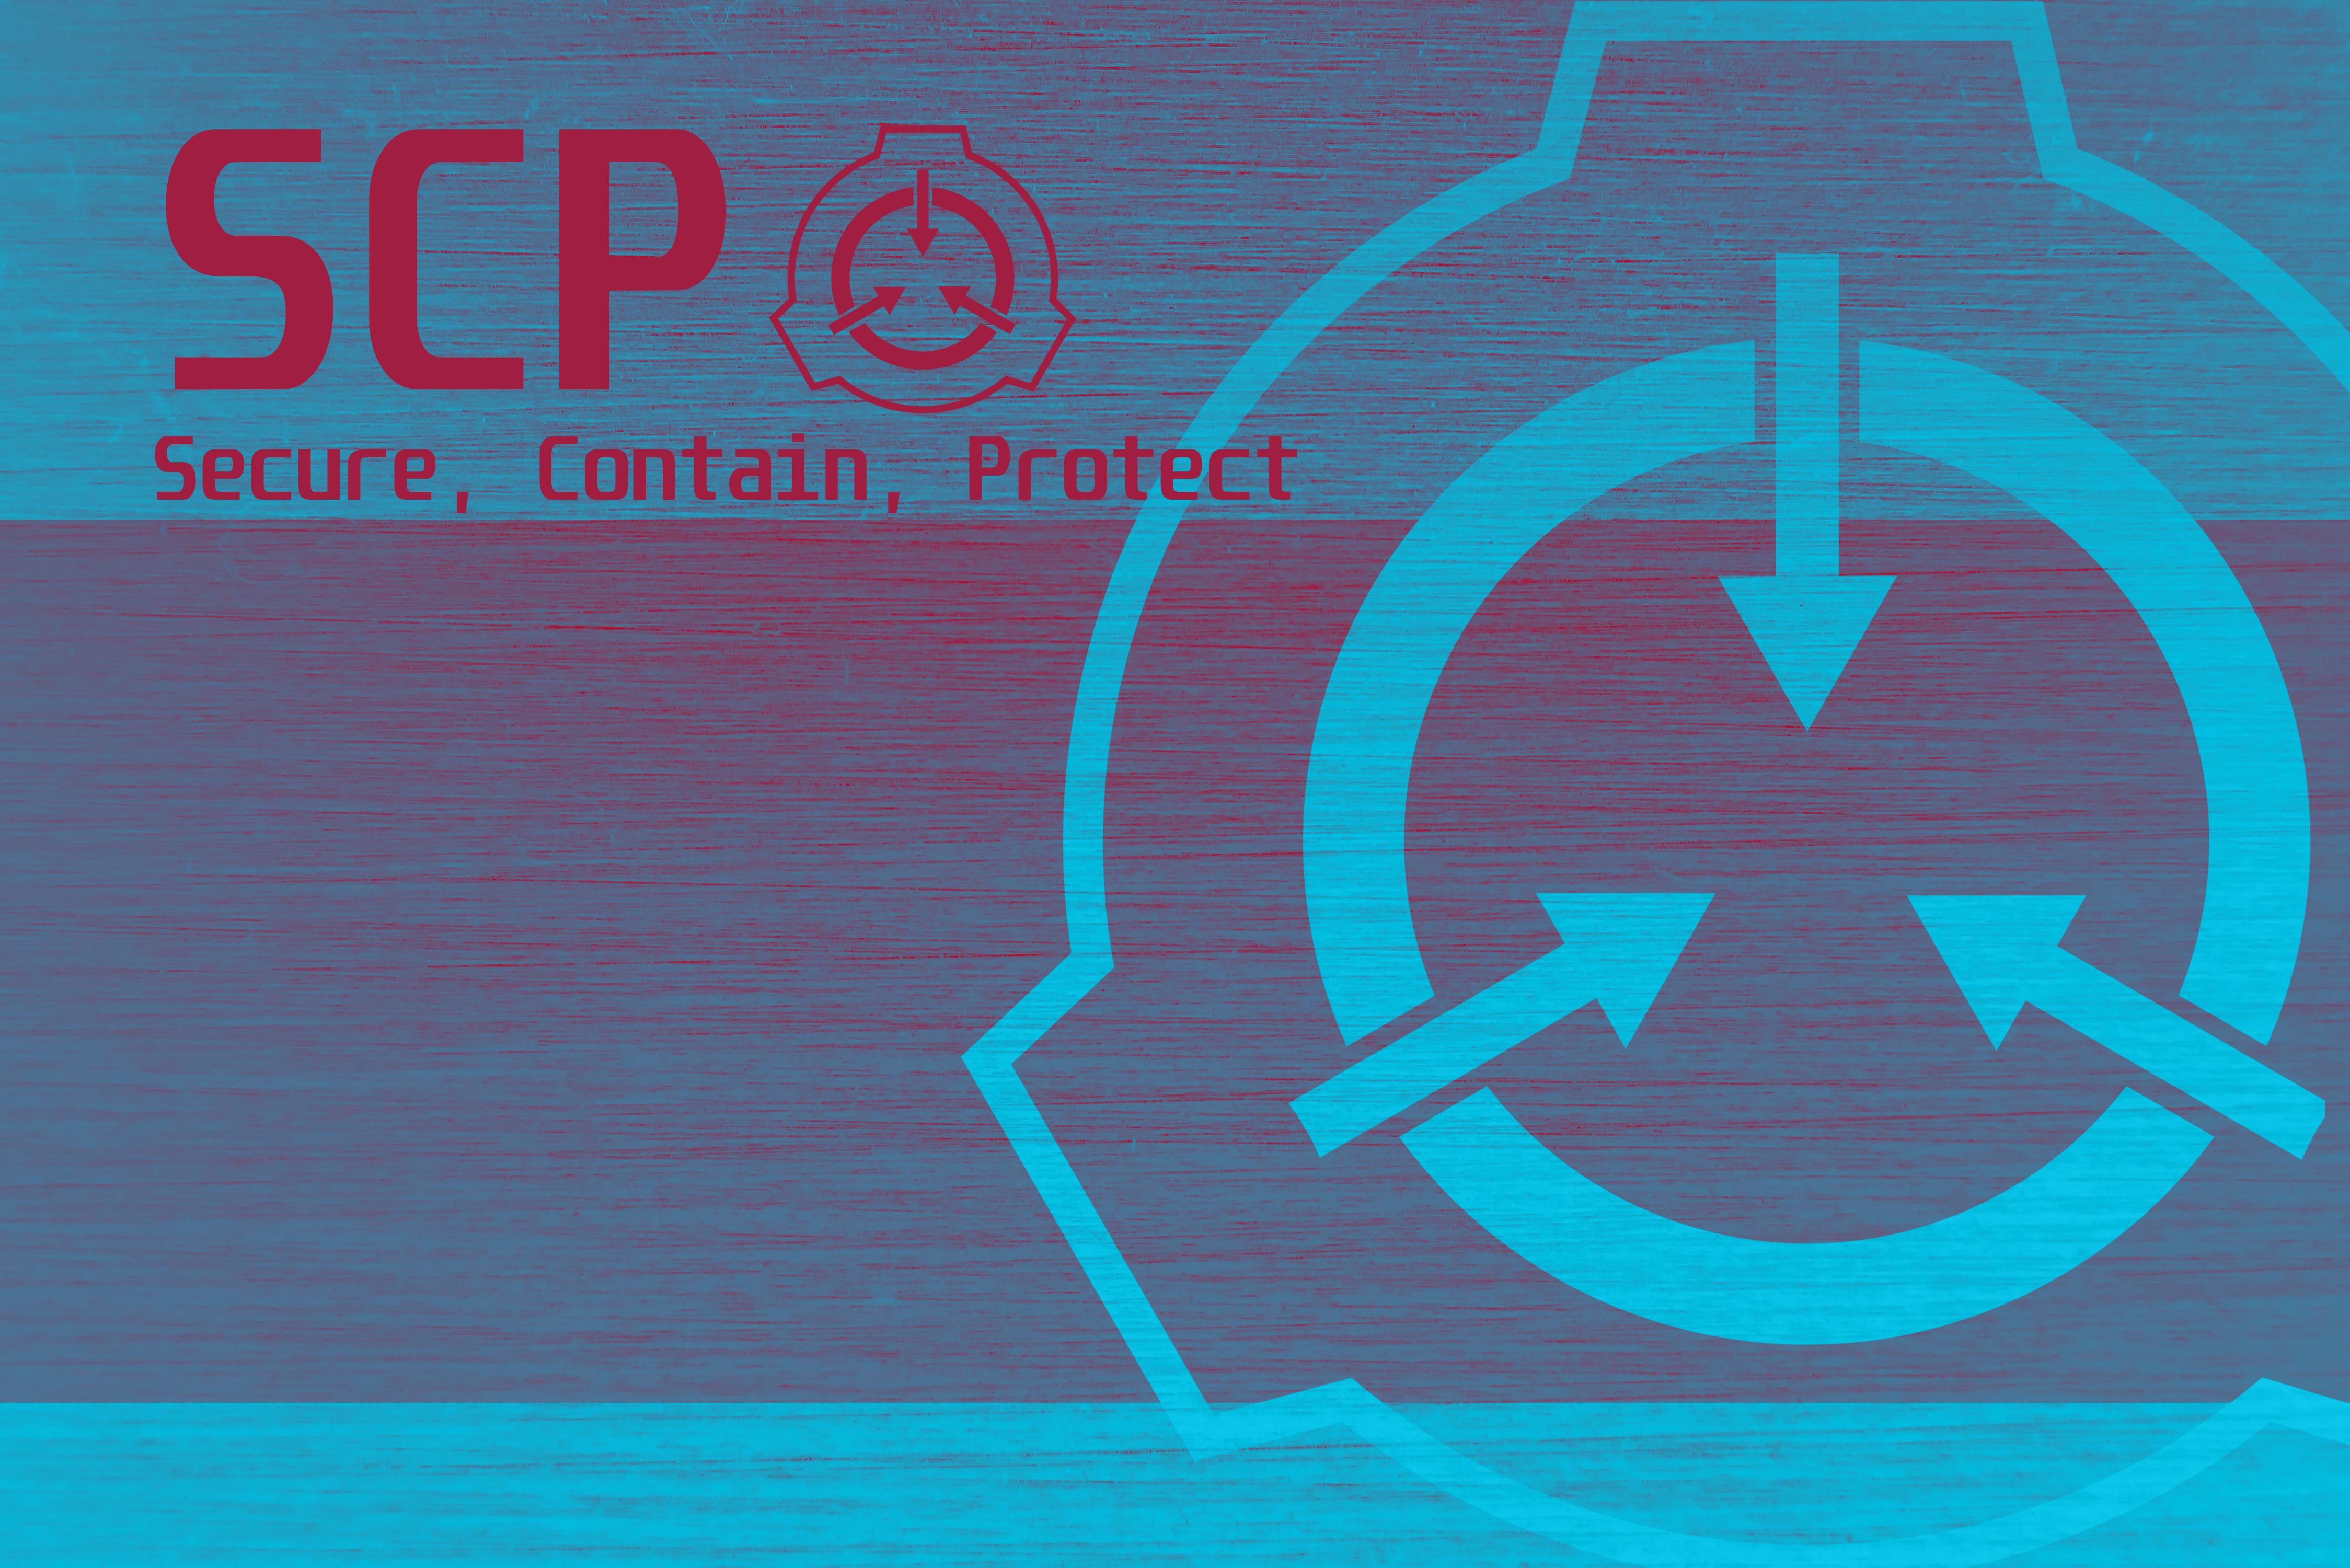 SCP-Ccard-MetalWeird-02.png